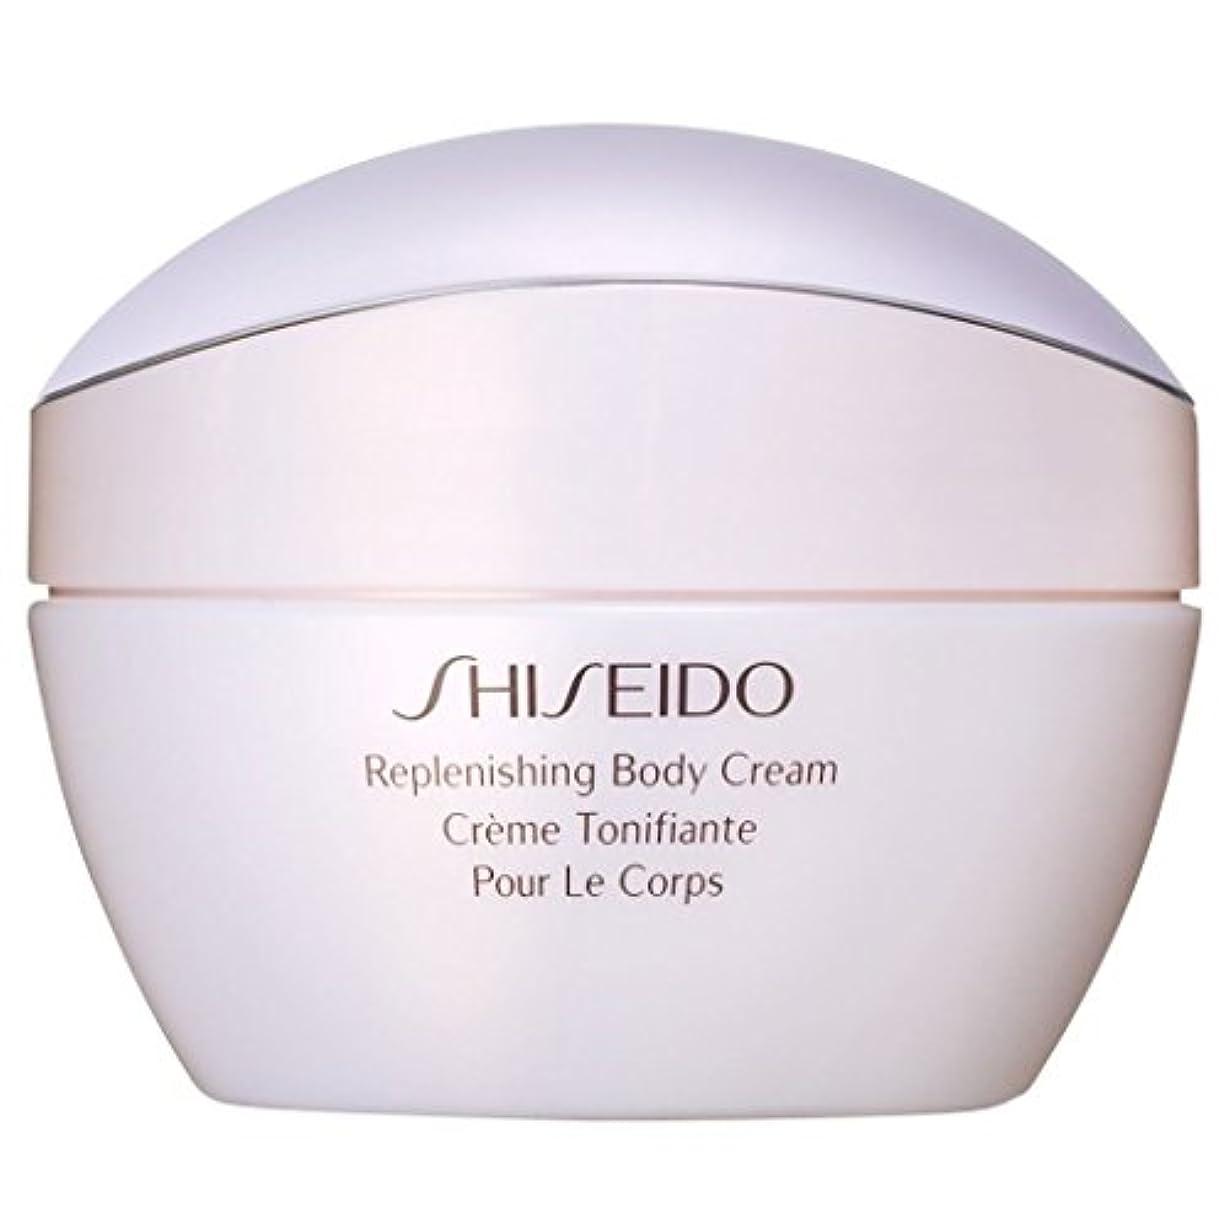 バス優雅な等価[Shiseido] 資生堂補充ボディクリーム200ミリリットル - Shiseido Replenishing Body Cream 200ml [並行輸入品]